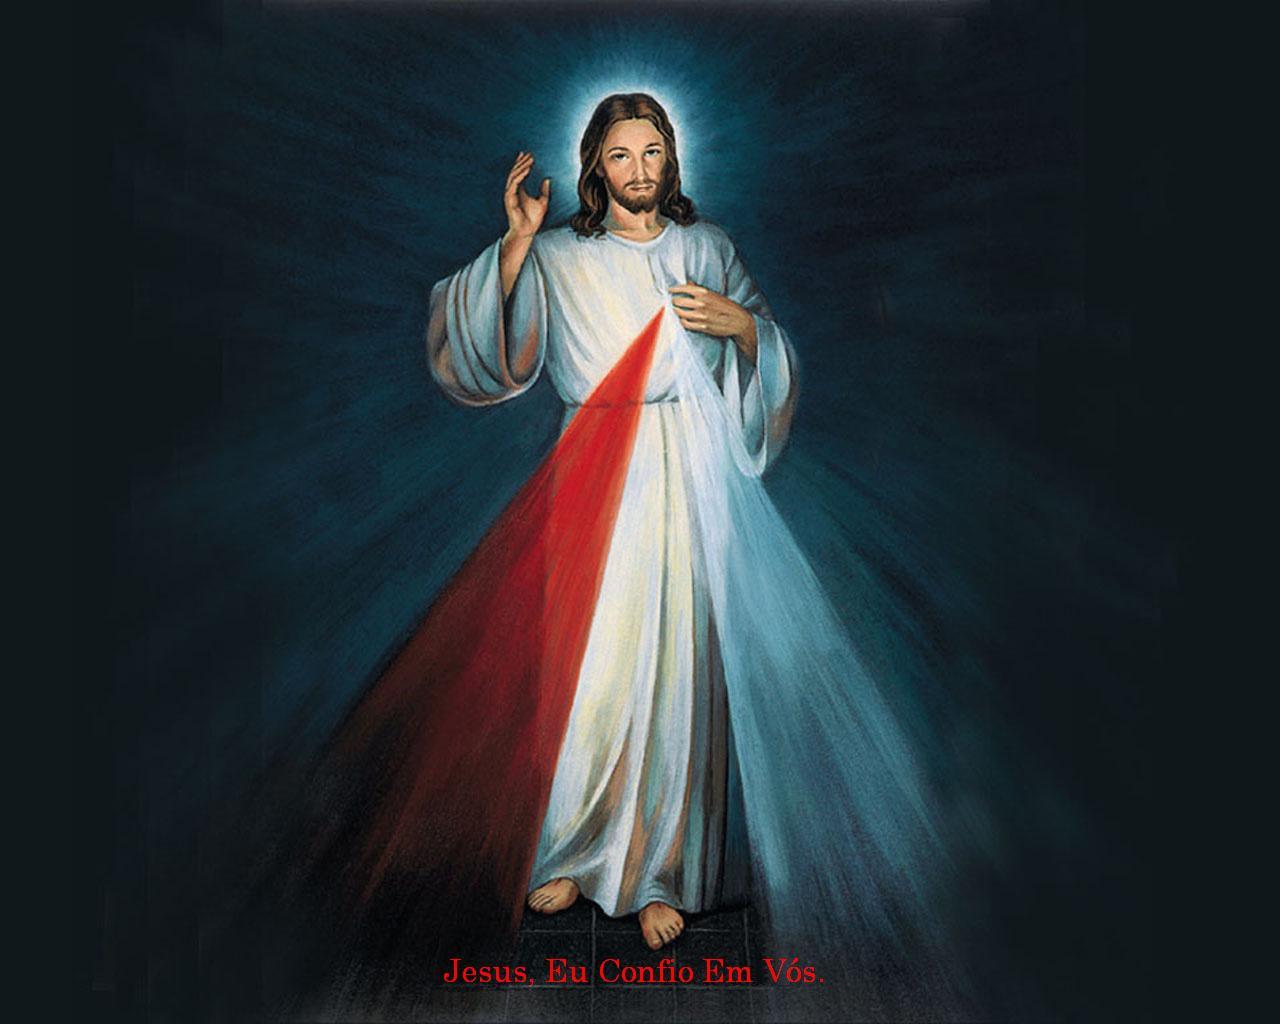 Populares Fotos de Jesus - Muitas imagens e fotos de Jesus Cristo KZ36